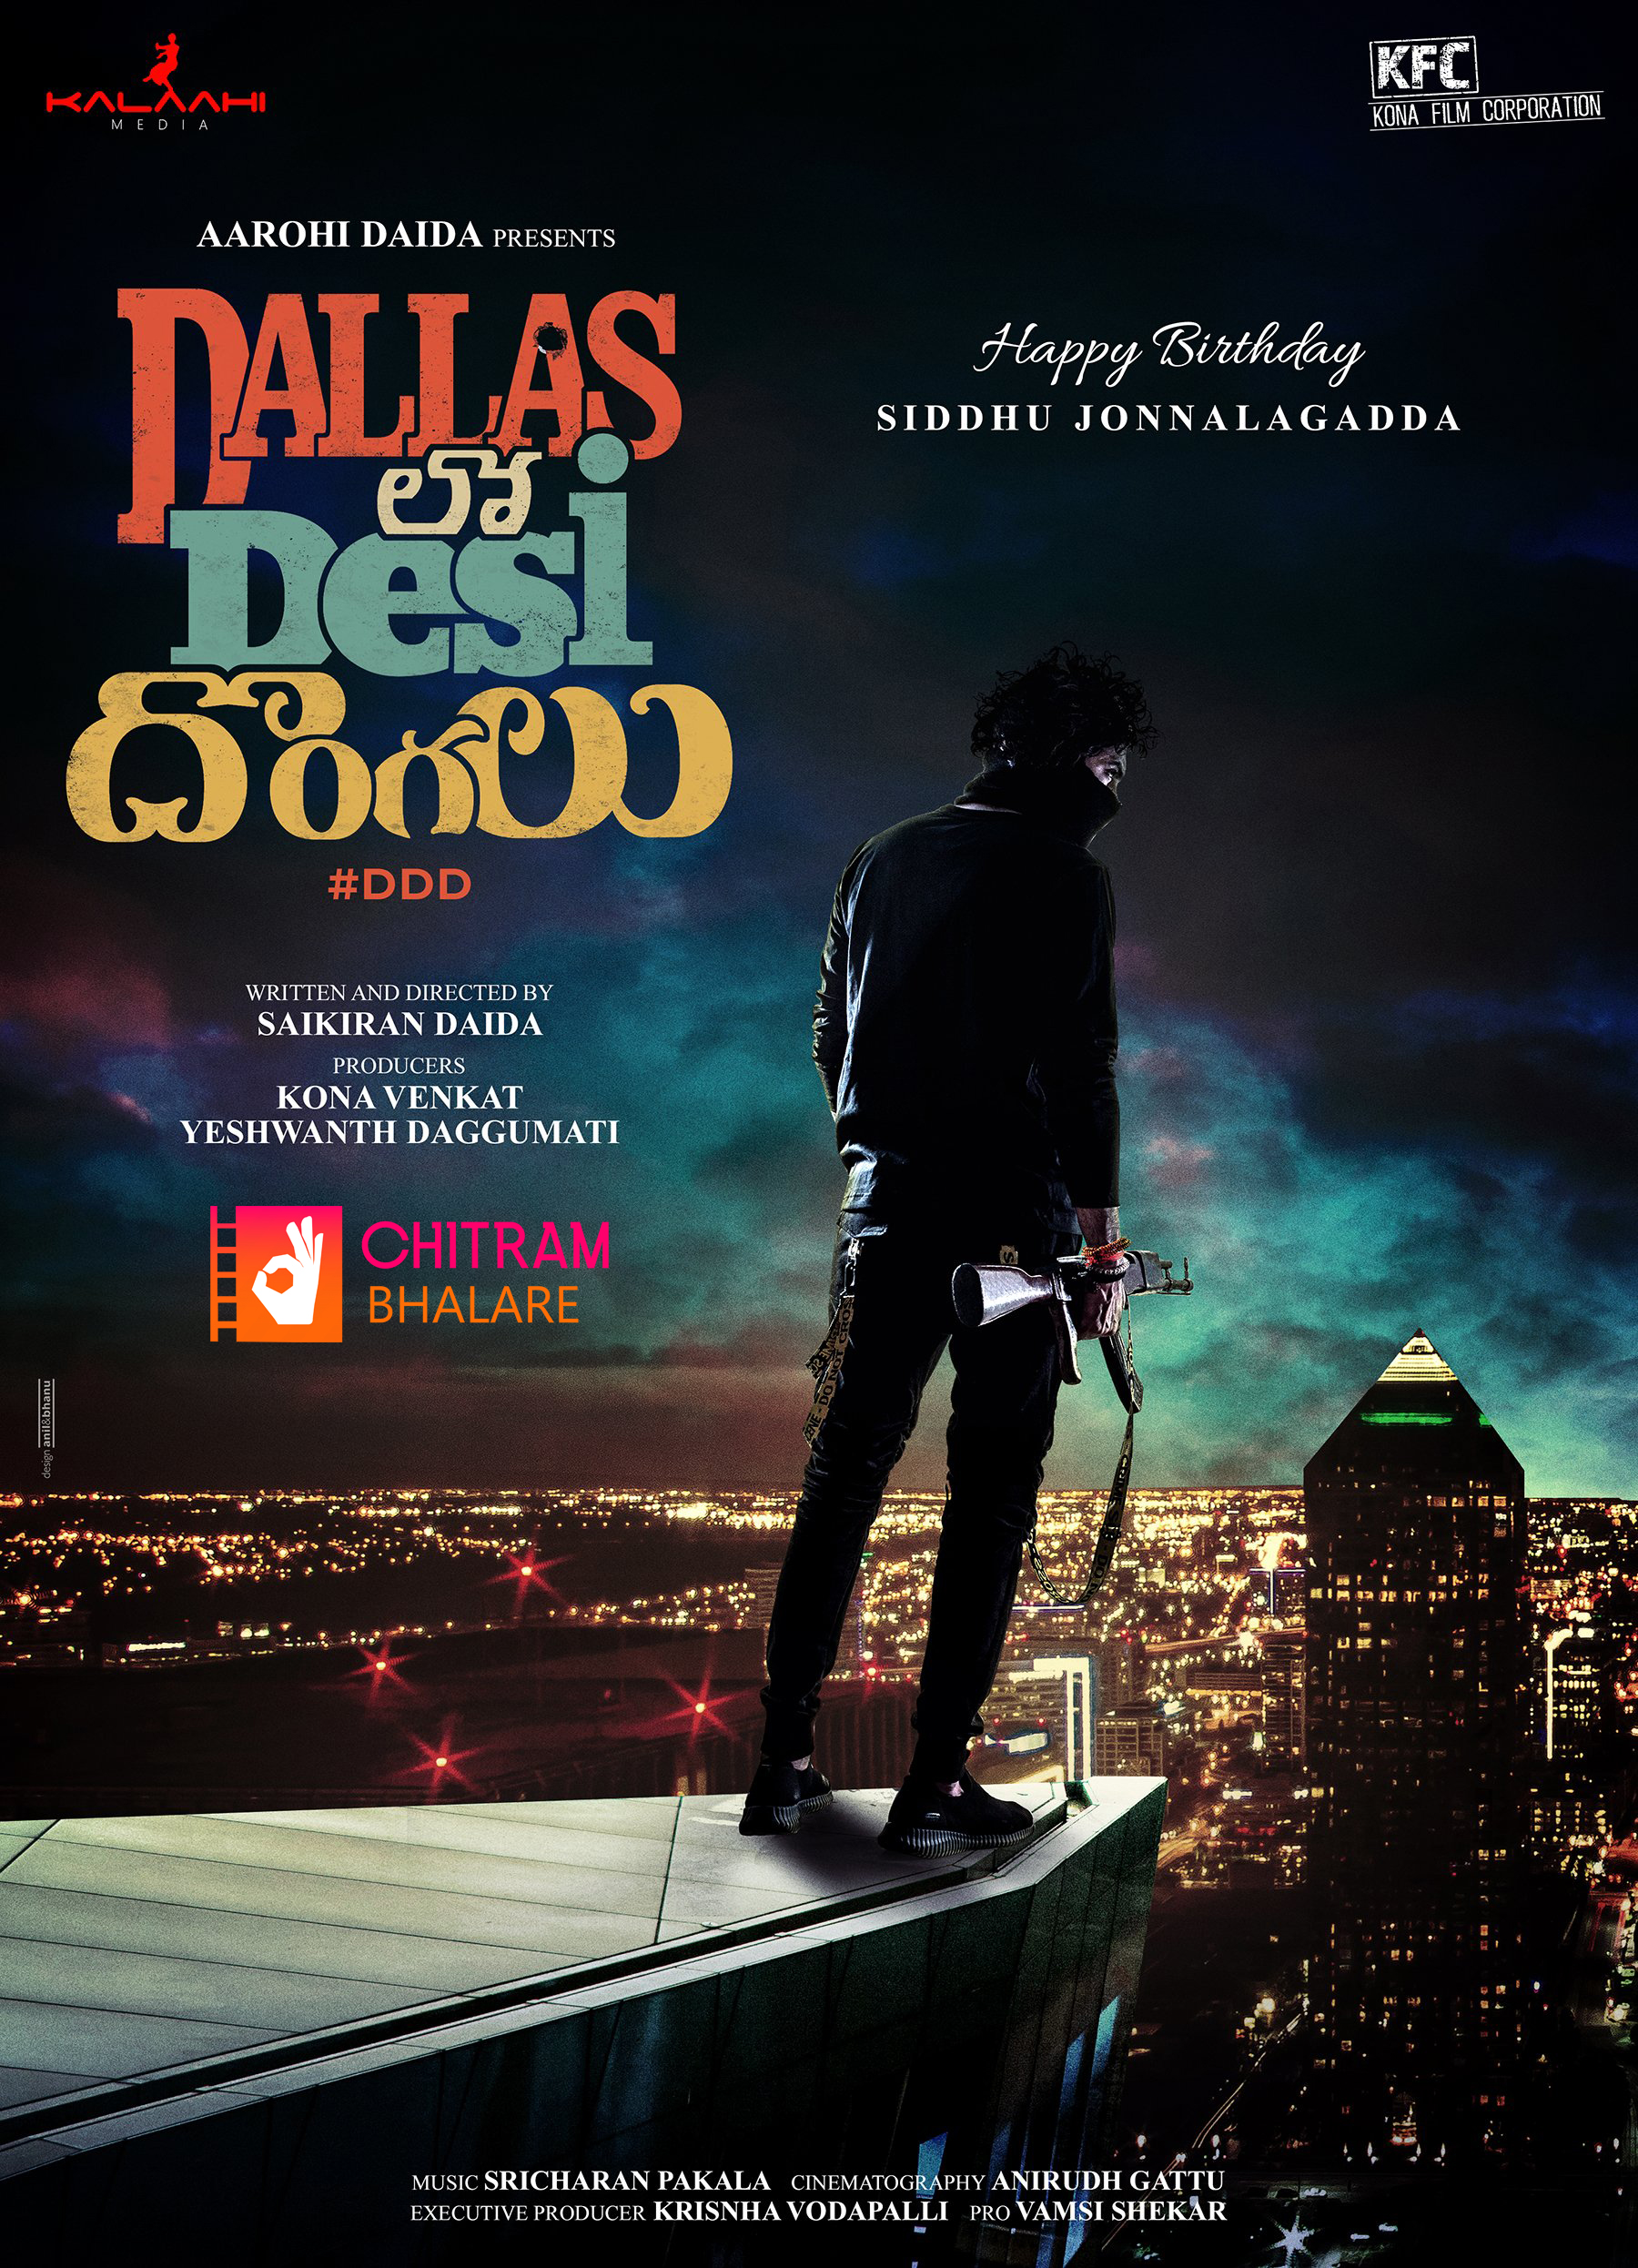 Siddhu Jonnalagadda, Saikiran Daida, Kona Venkat's Dallas Lo Desi Dongalu Title Poster Out